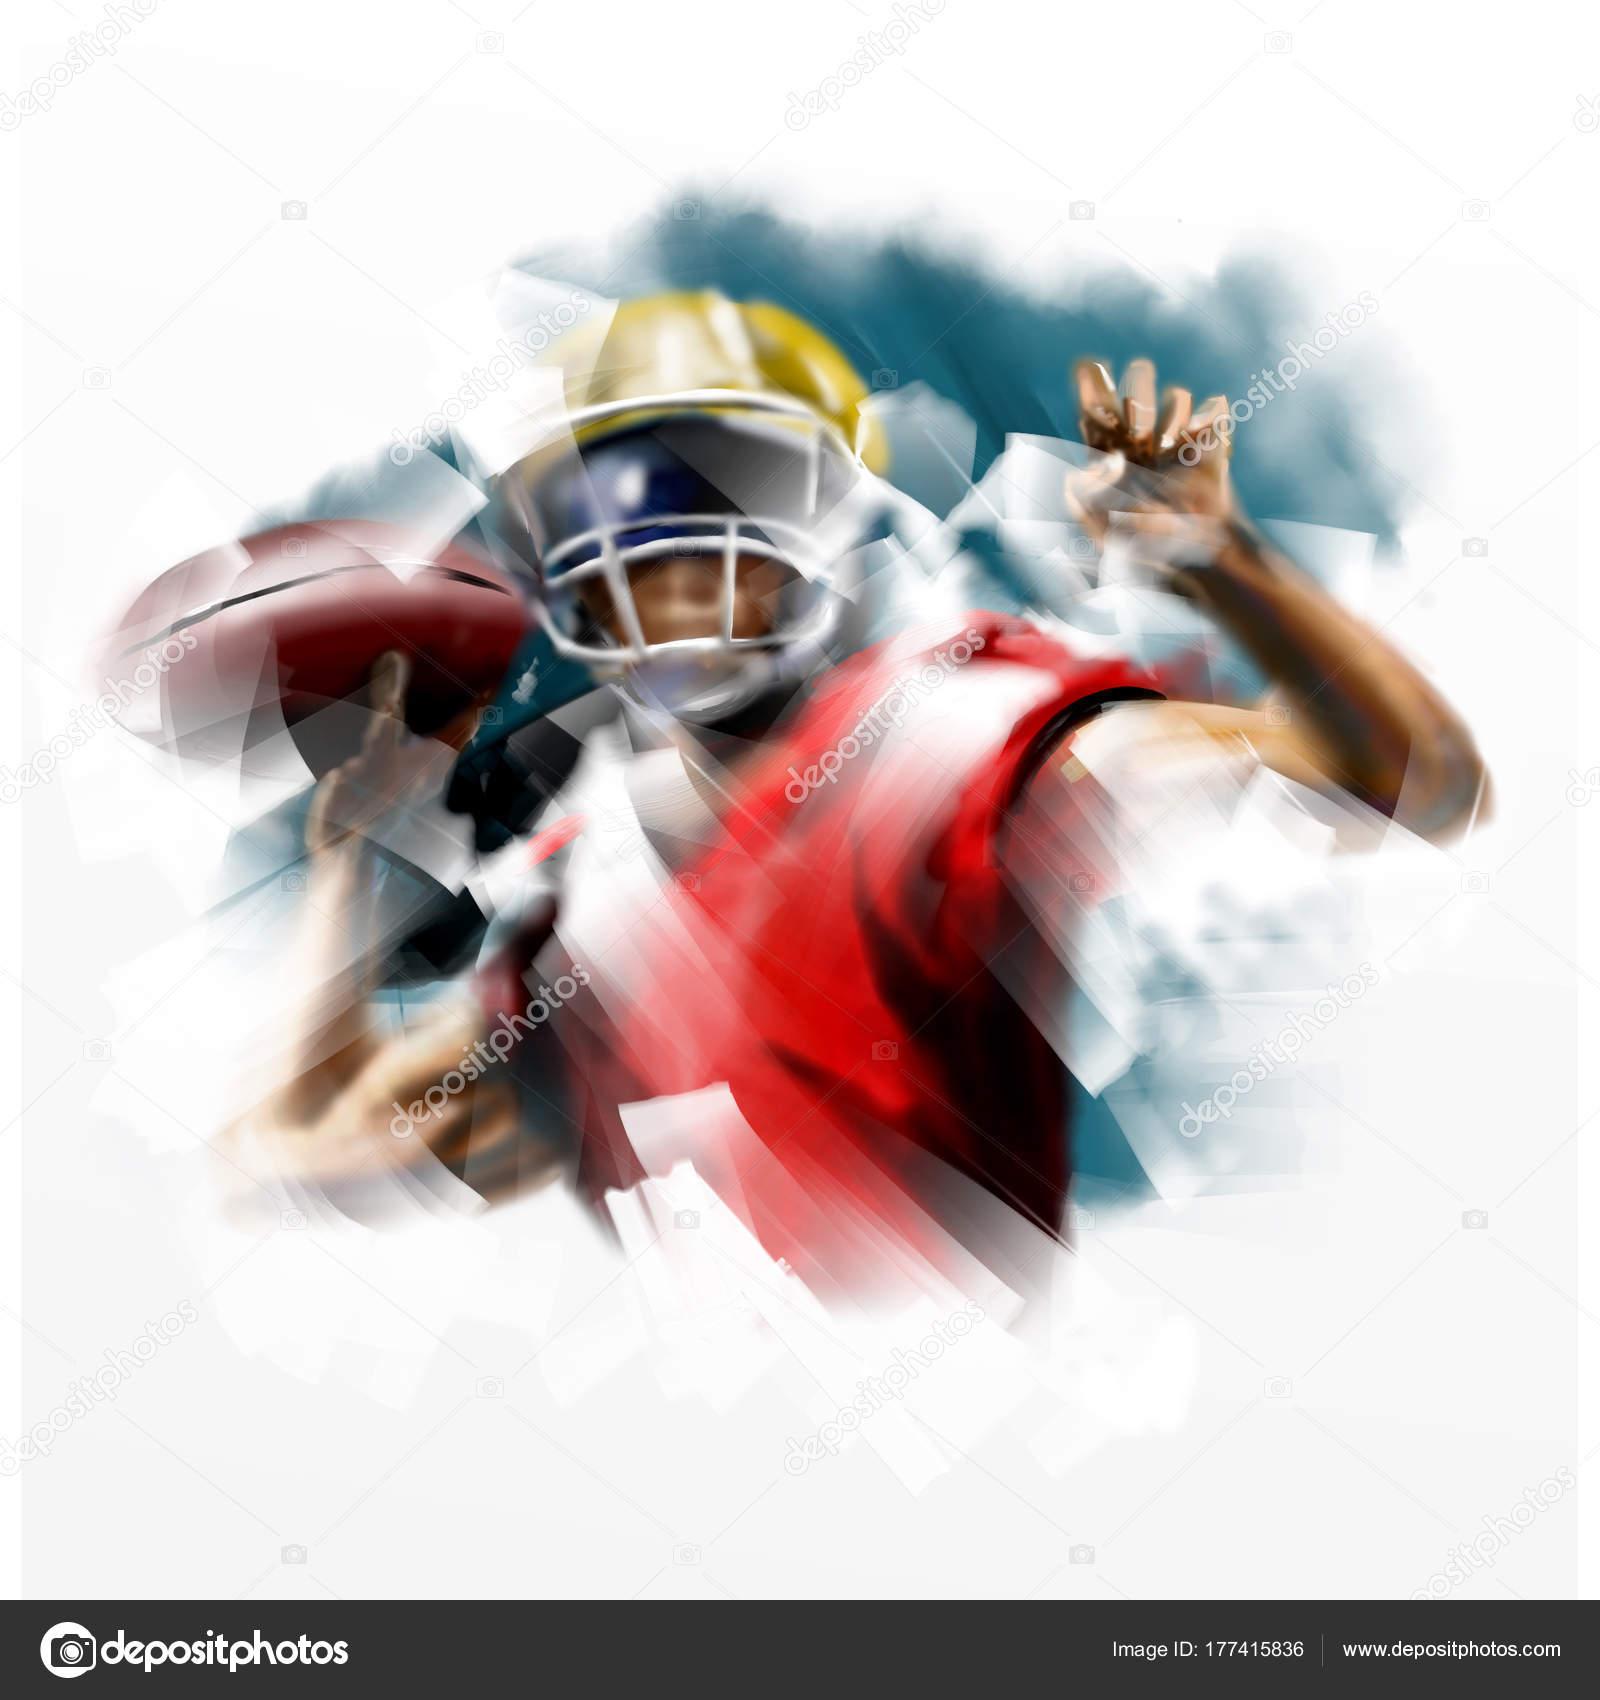 6b7b8d4d9c Pintura digital del jugador del fútbol americano — Foto de stock ...